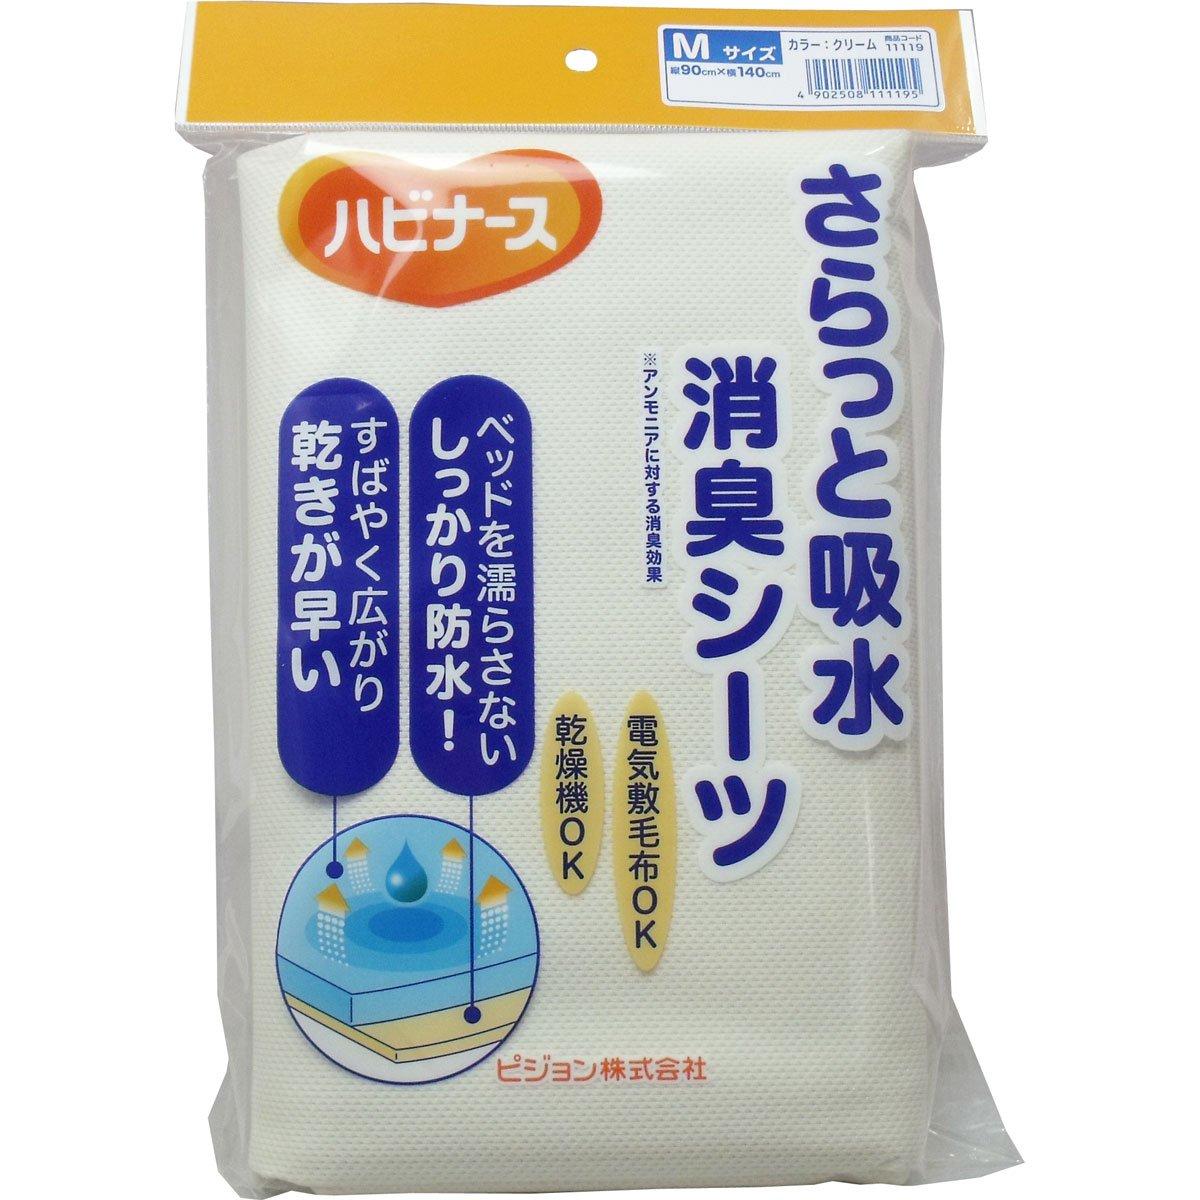 寝具 介護用品 尿をすばやく吸収、さらっと拡散 介護 ハビナース さらっと吸収消臭シーツ クリーム Mサイズ【4個セット】 B00V5ZG3S2